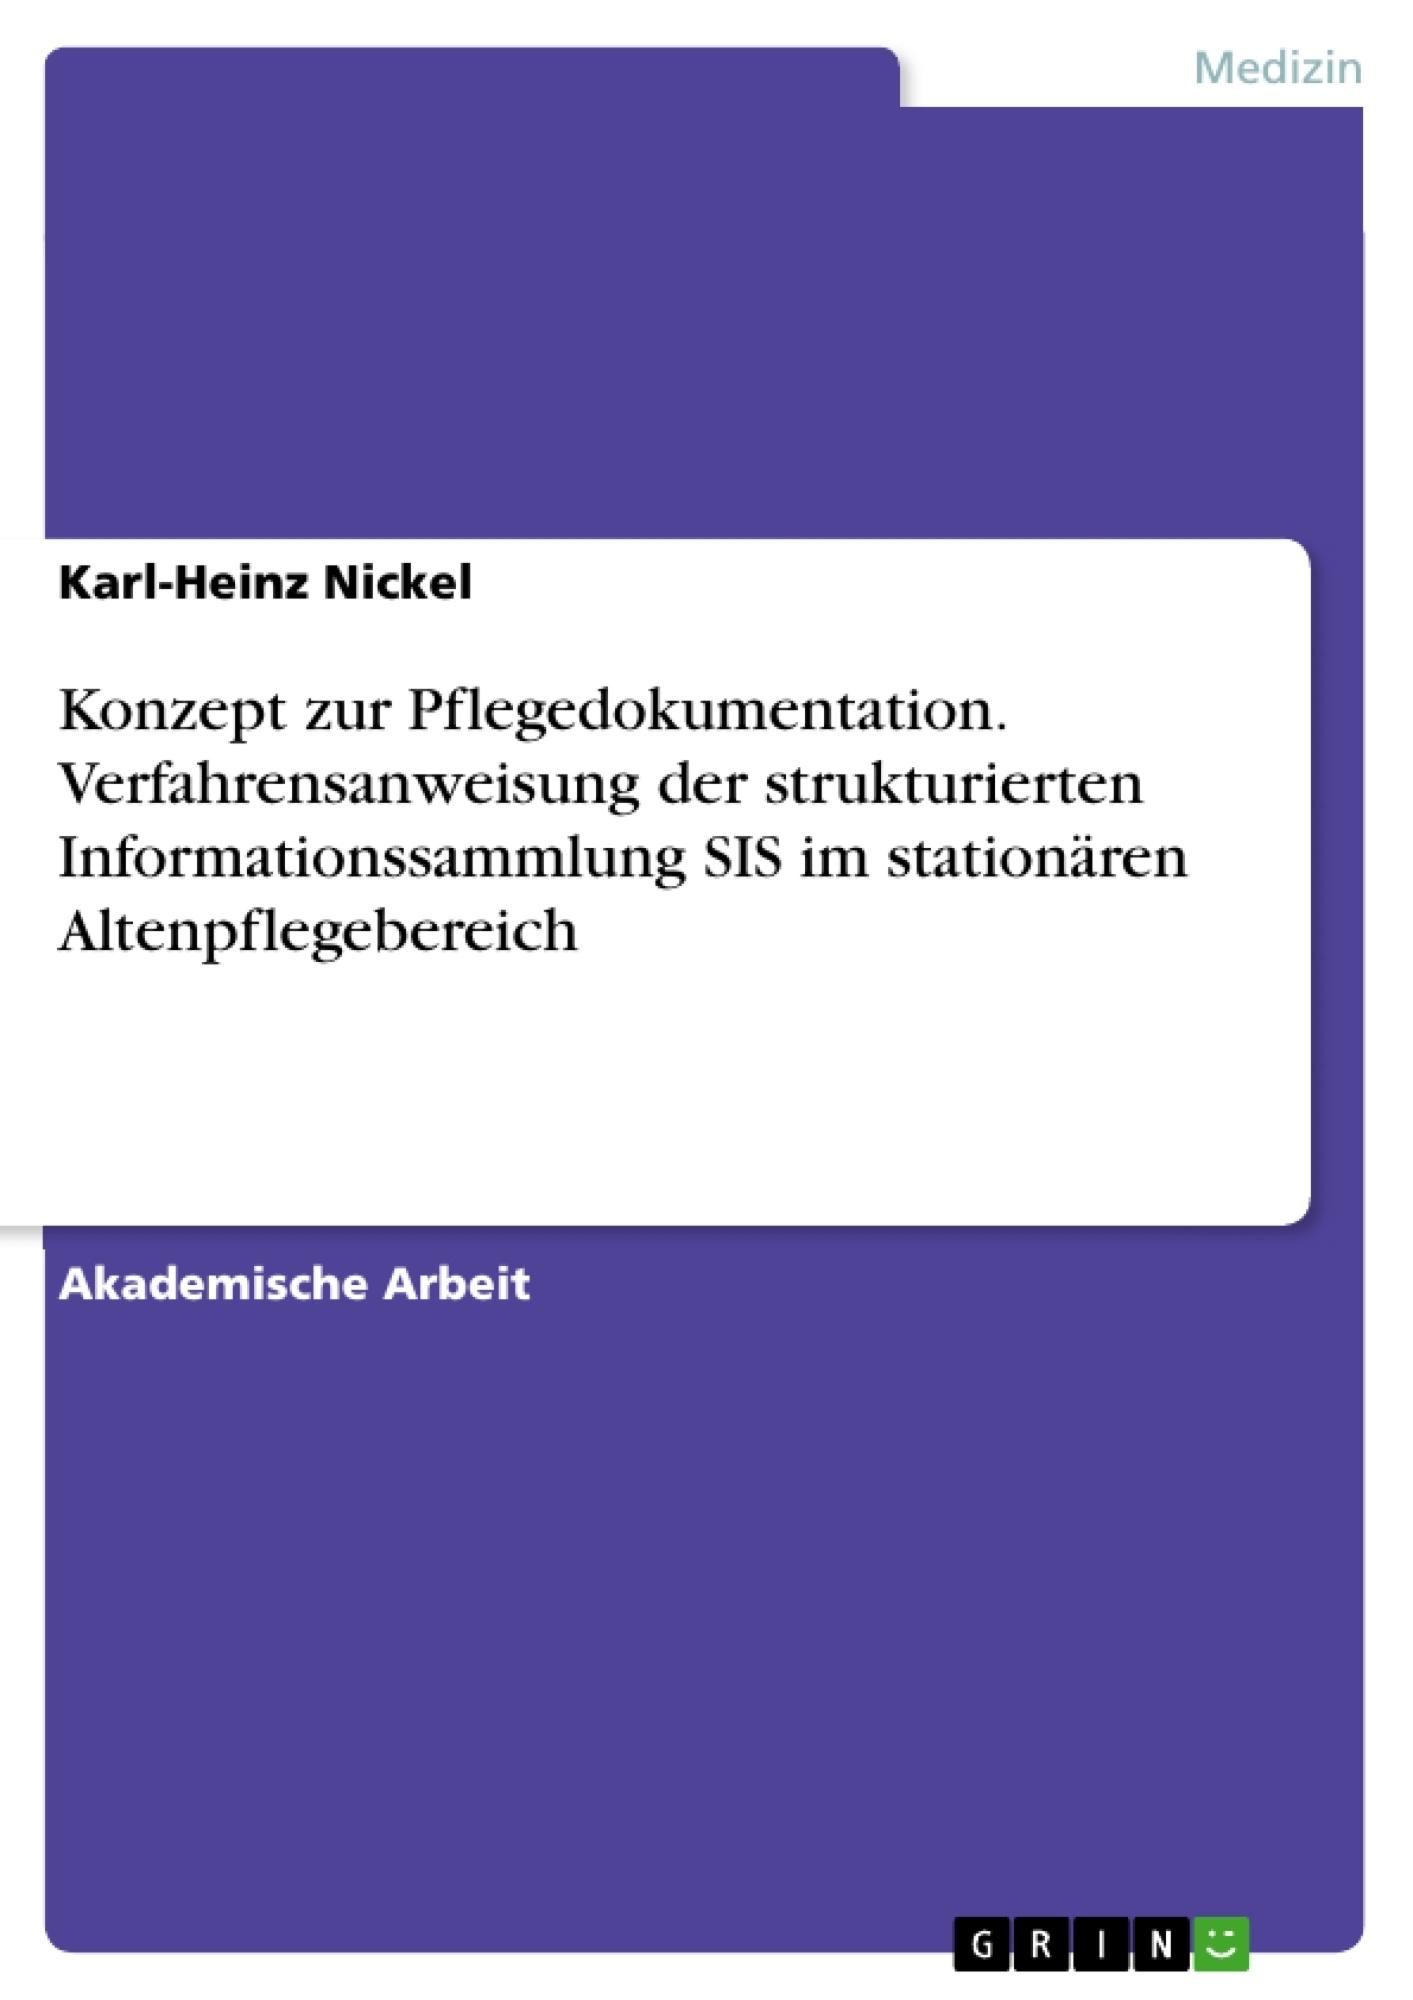 Titel: Konzept zur Pflegedokumentation. Verfahrensanweisung der strukturierten Informationssammlung SIS im stationären Altenpflegebereich